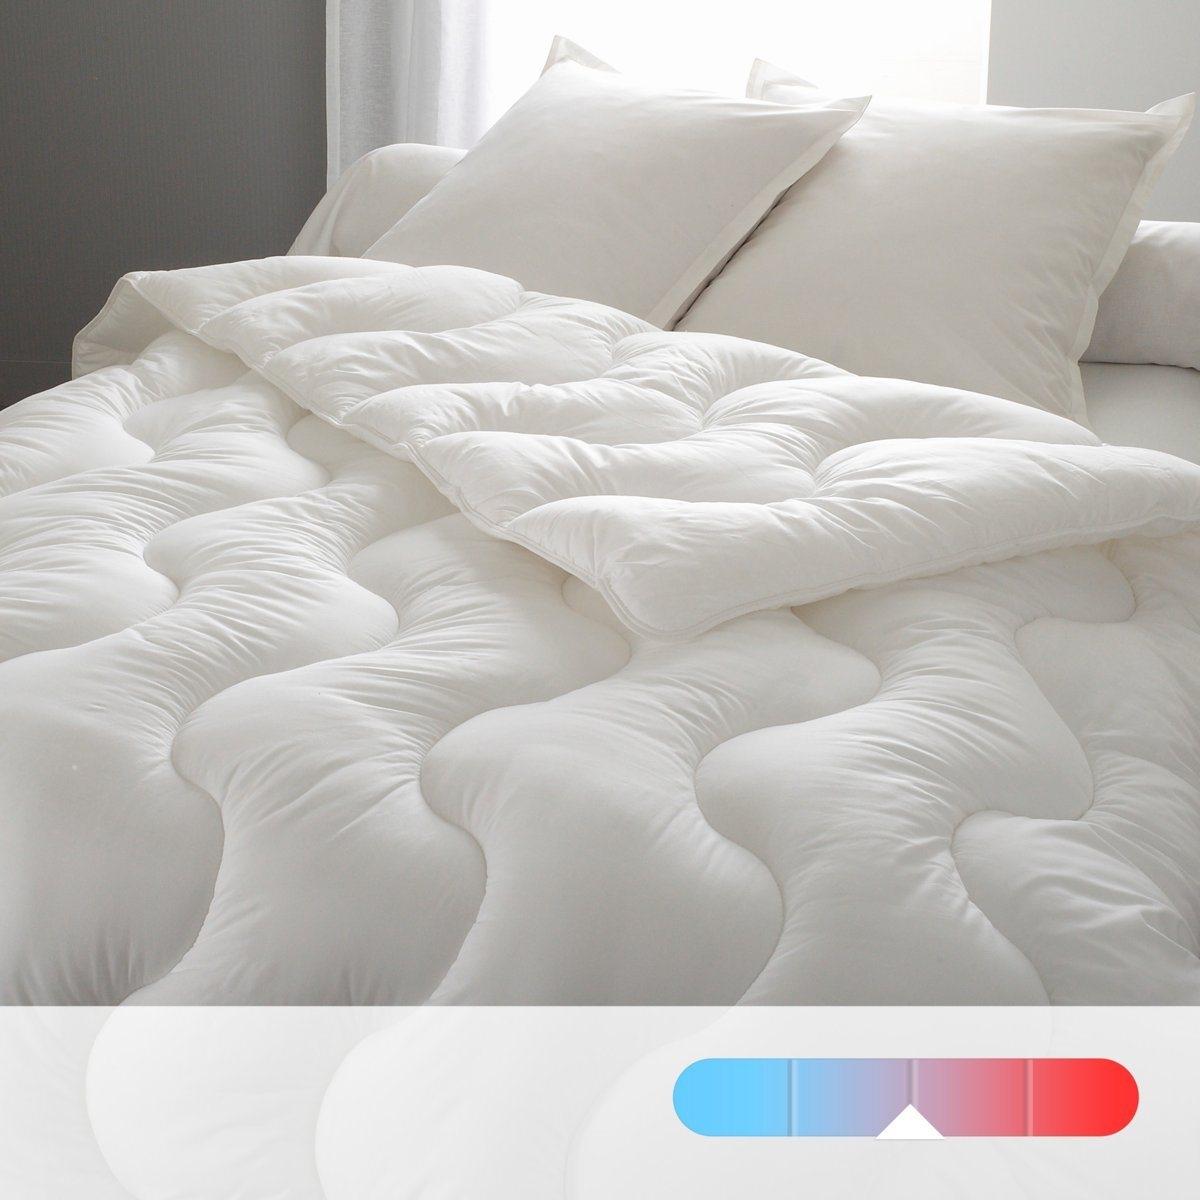 Одеяло синтетическое с чехлом из натурального материала, высокое качество от La Redoute